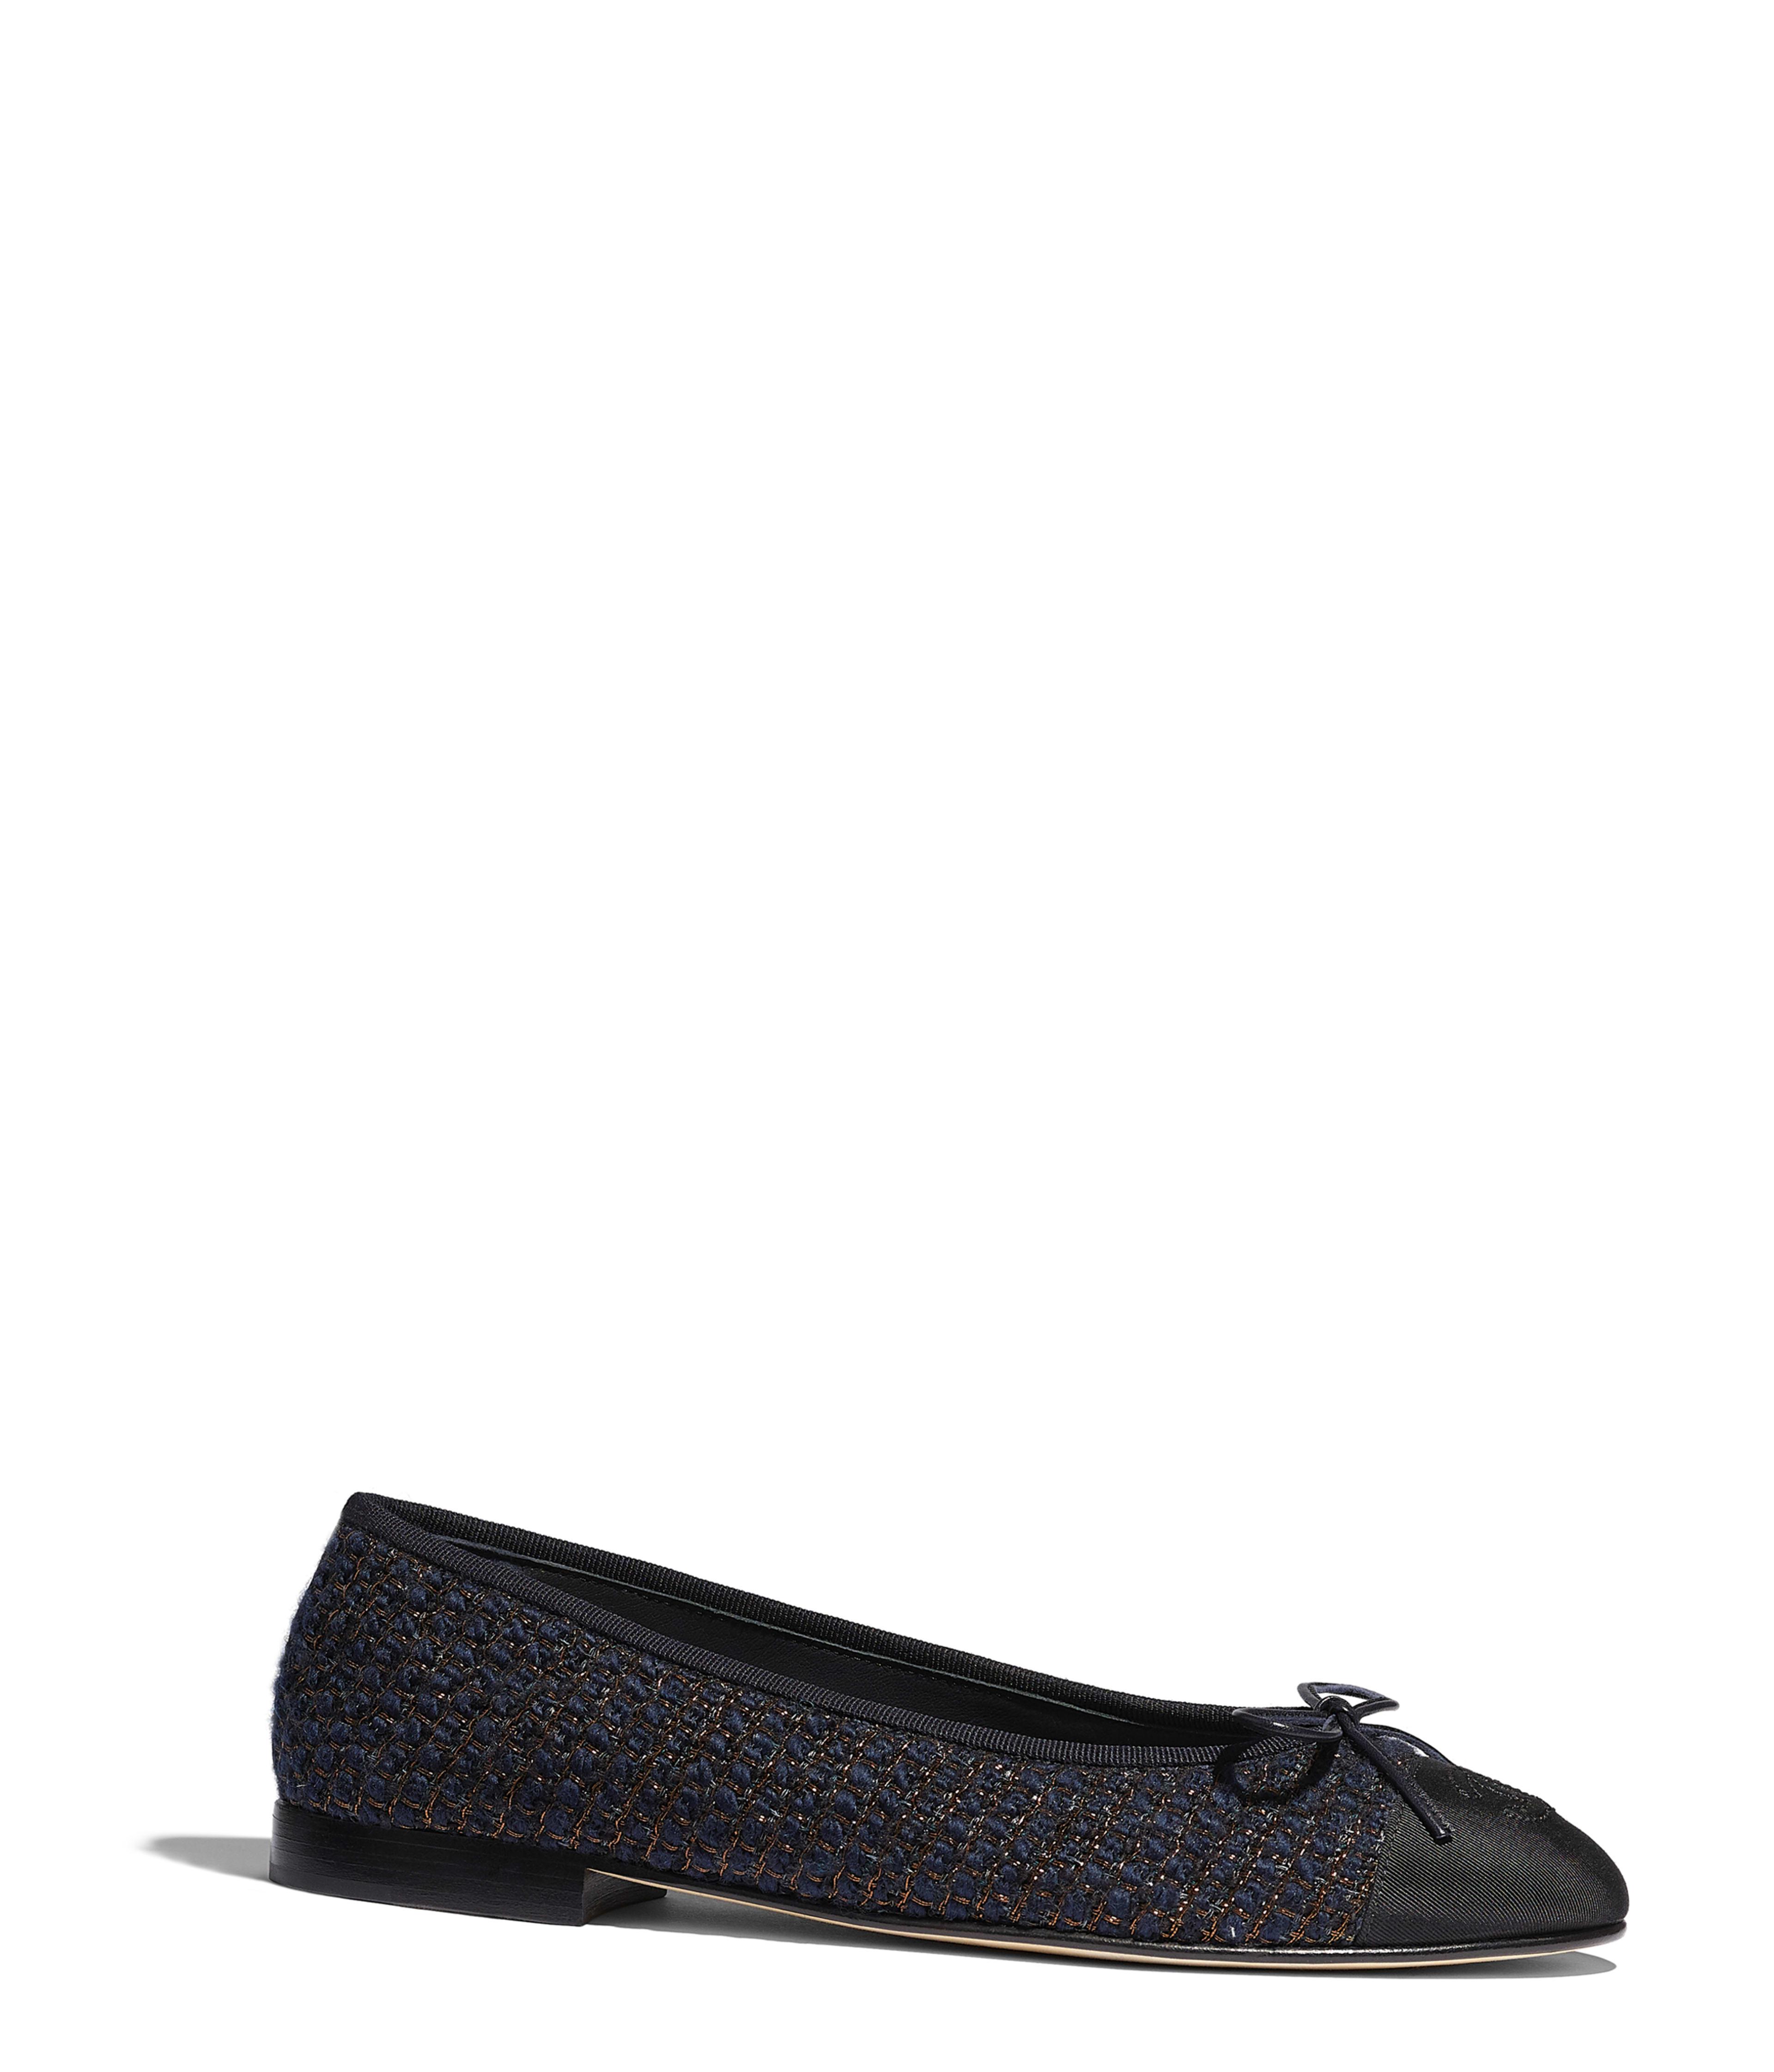 b593a2c9402 Shoes - Fashion | CHANEL